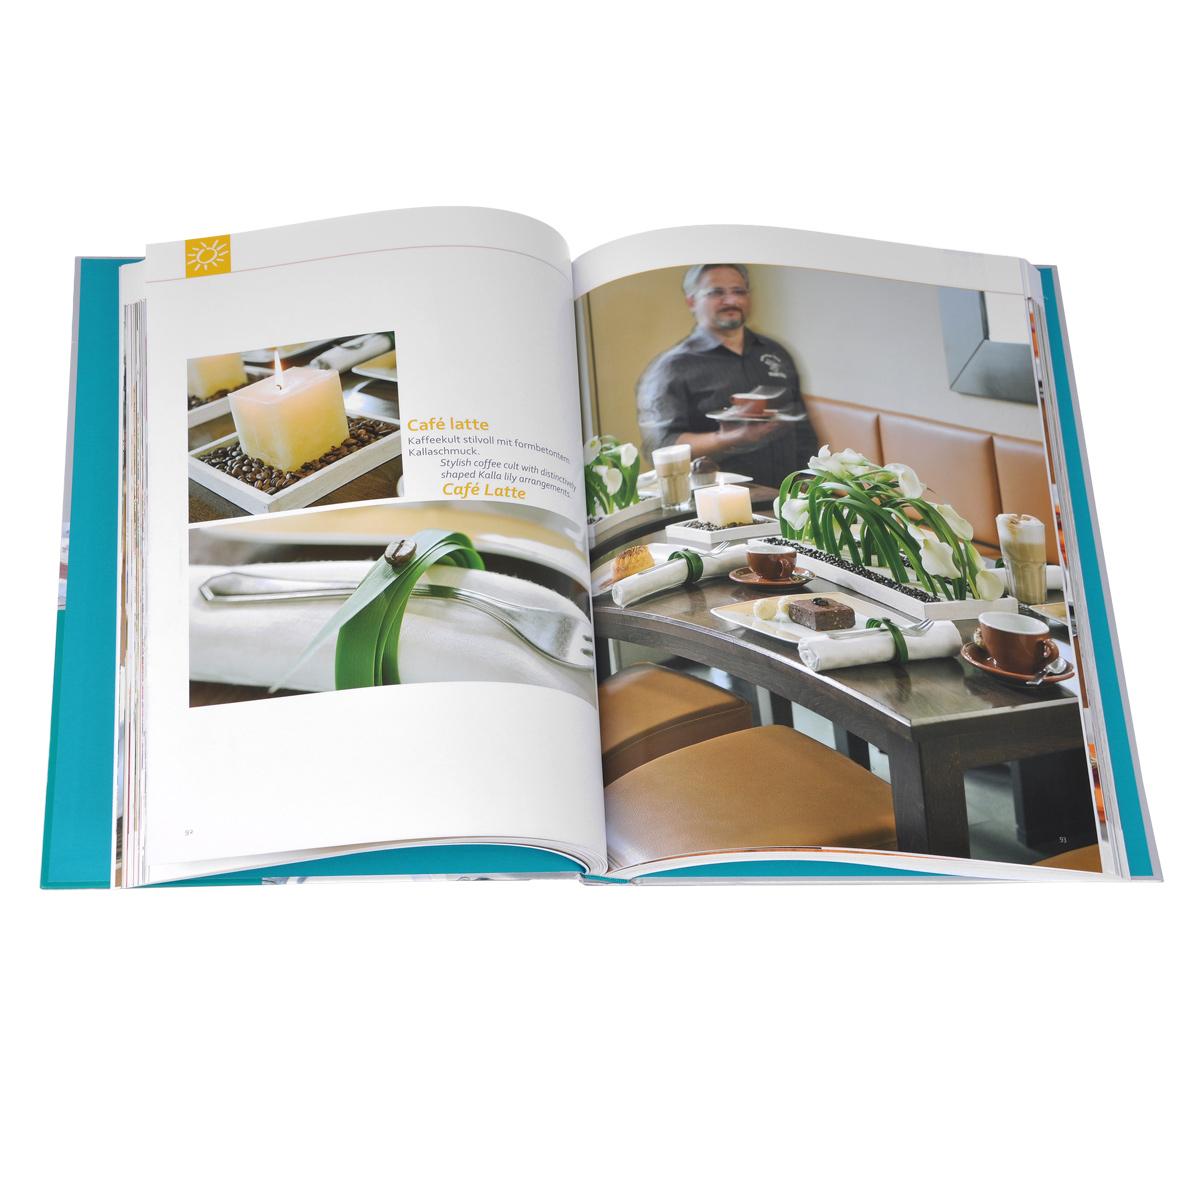 Tischblumen: Das grosse Buch der Tischfloristik